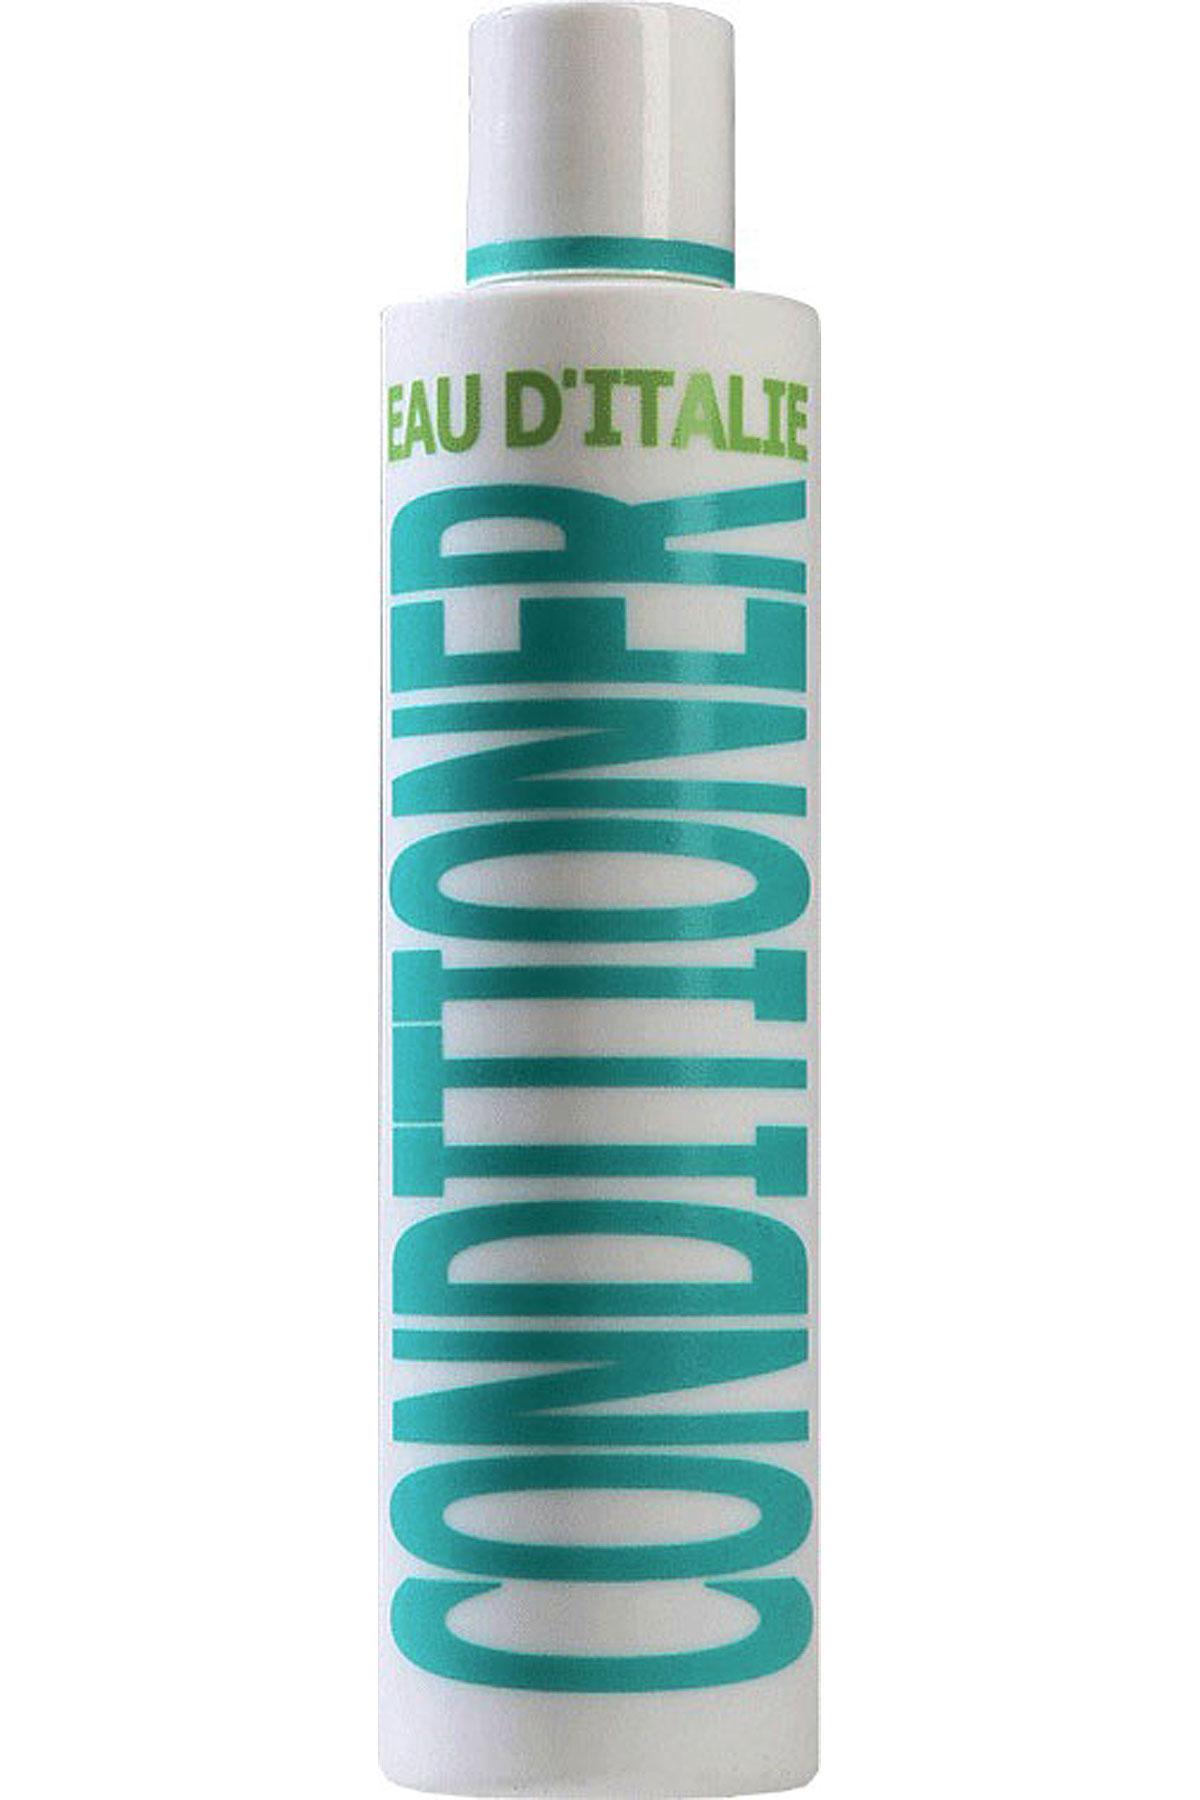 Eau D Italie Beauty for Men, Eau D Italie - Conditioner - 200 Ml, 2019, 200 ml